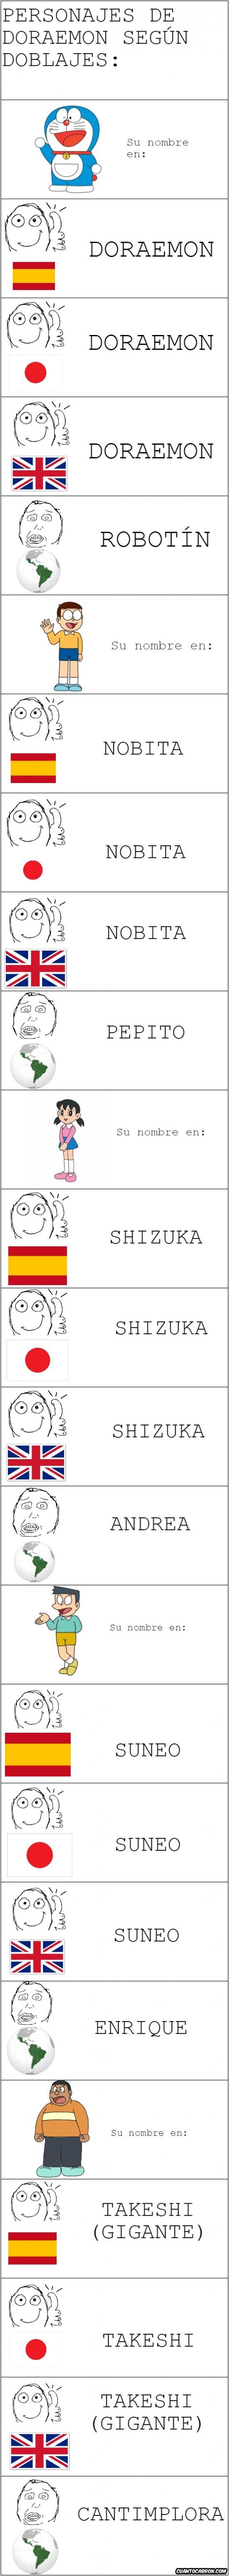 Los Latinos Y Sus Nombres En La Serie Doraemon Memes Para Facebook Memes Graciosos Doraemon